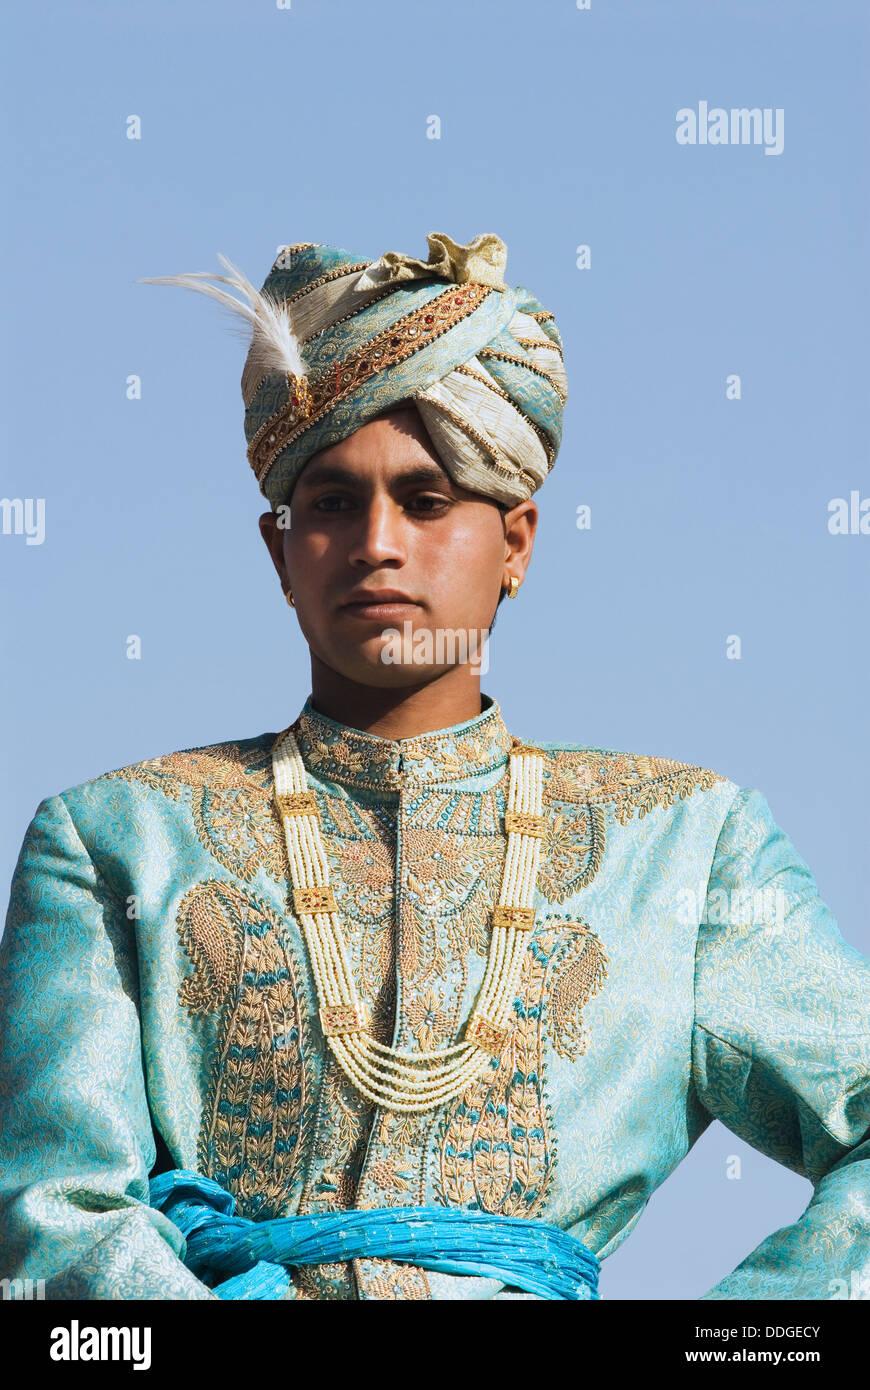 Rajasthani Royal Dress For Men | www.pixshark.com - Images ...